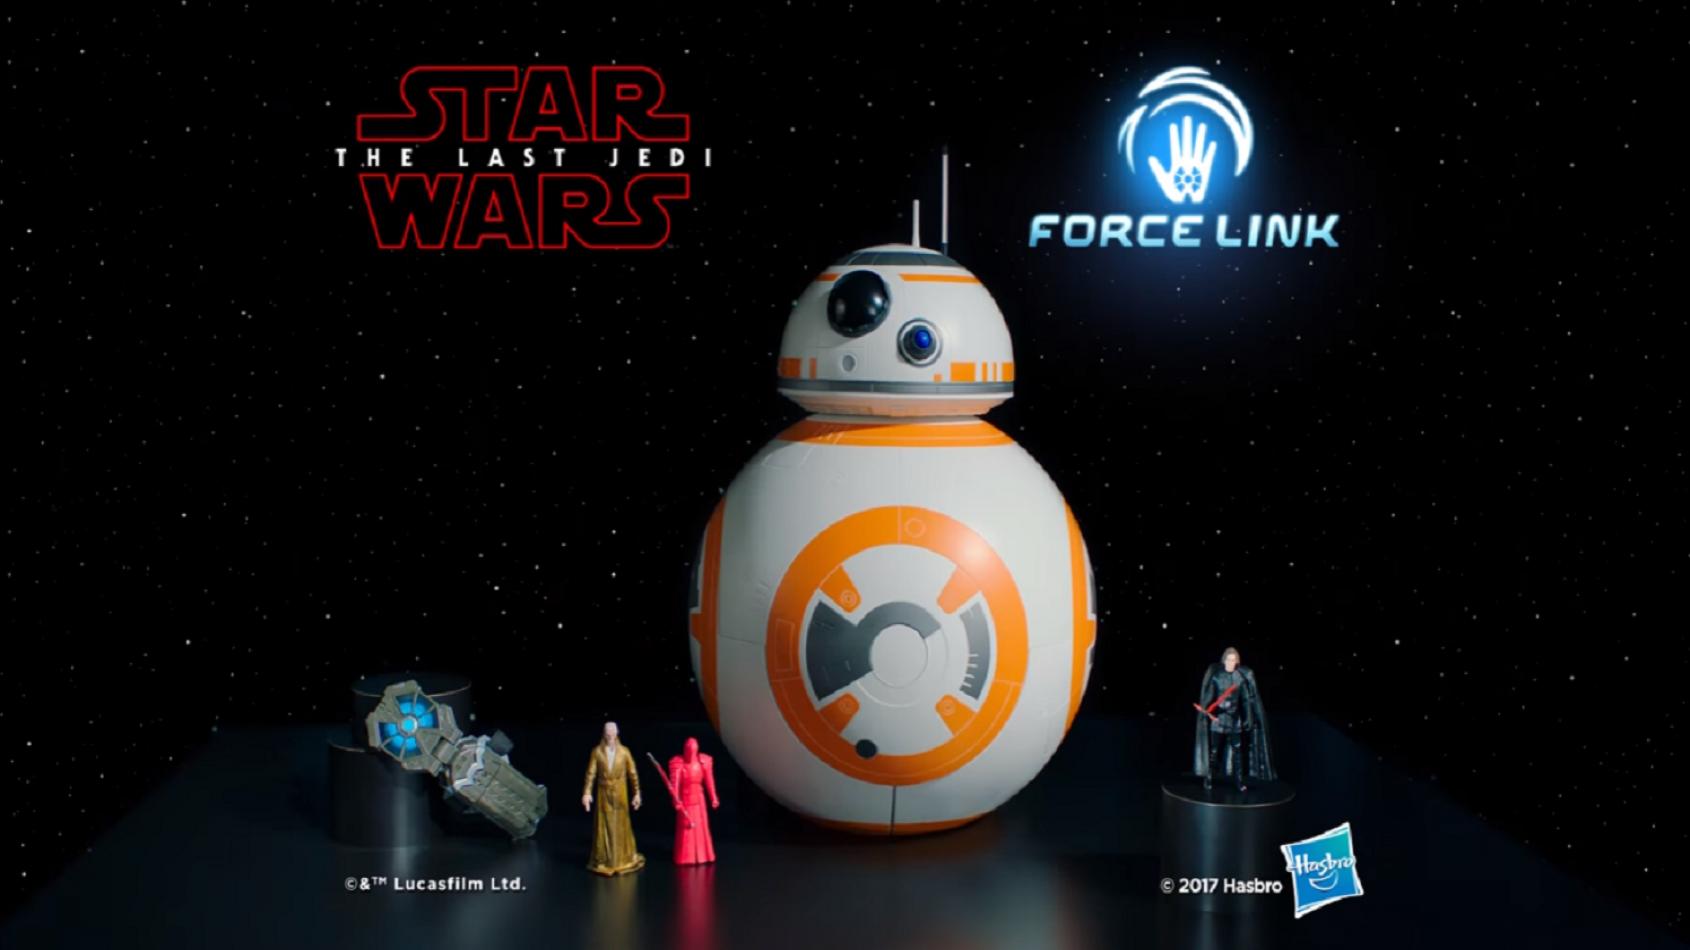 Des publicités pour les jouets des Derniers Jedi et Forces du Destin